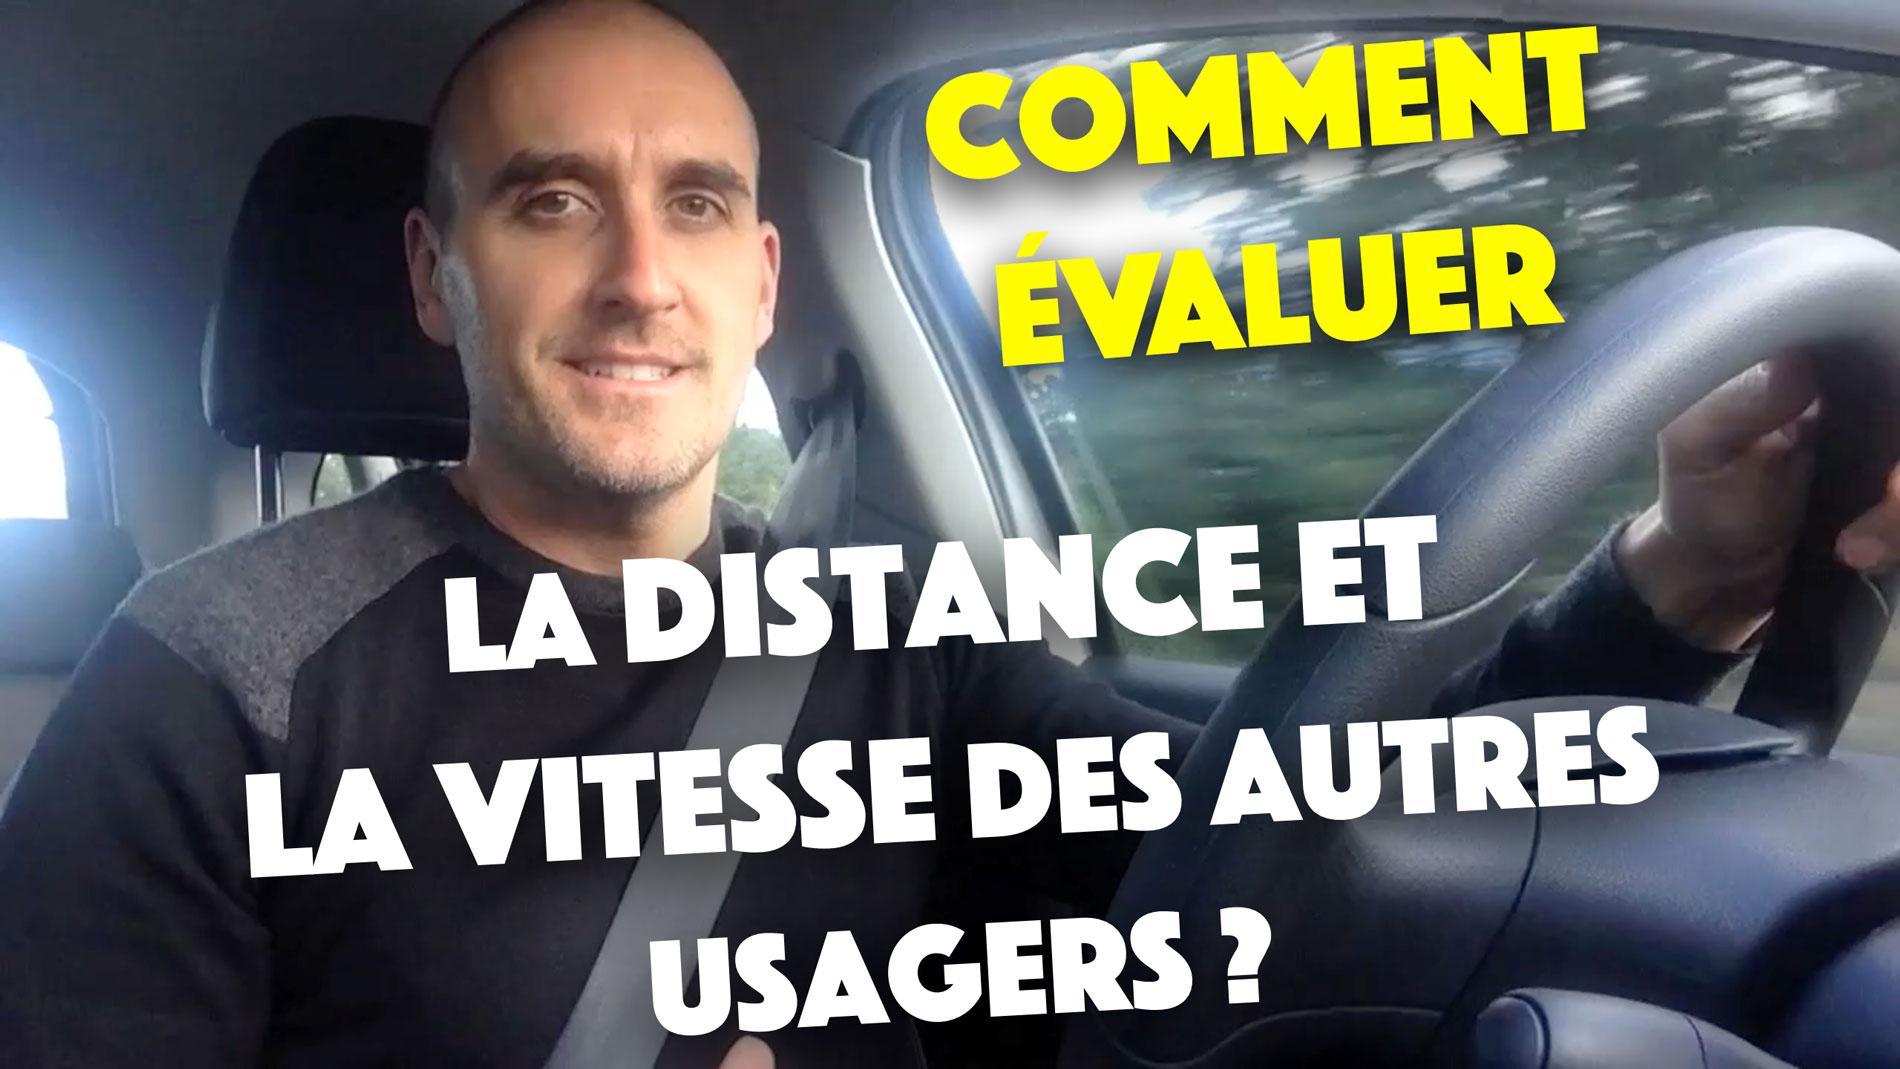 Comment évaluer la distance et la vitesse des autres usagers ?